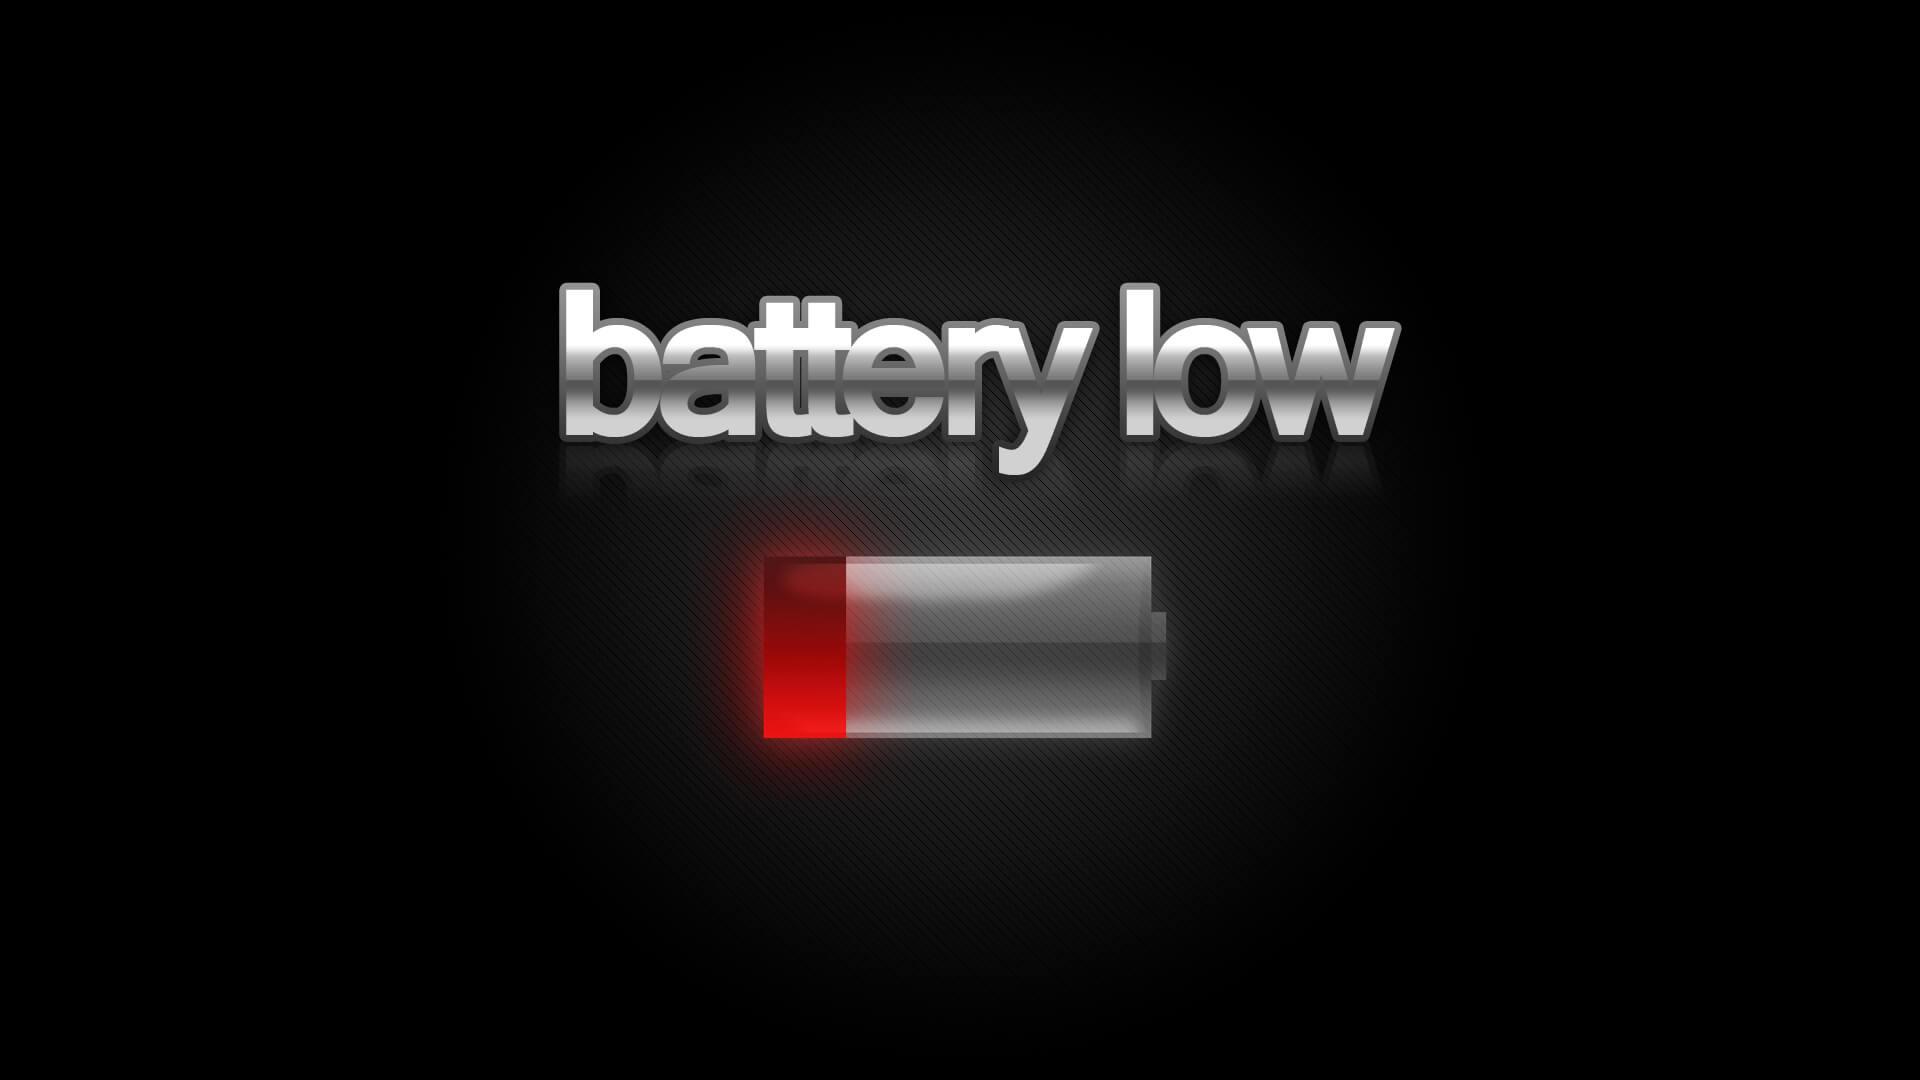 Что с 2000 года происходило с батареями телефонов?